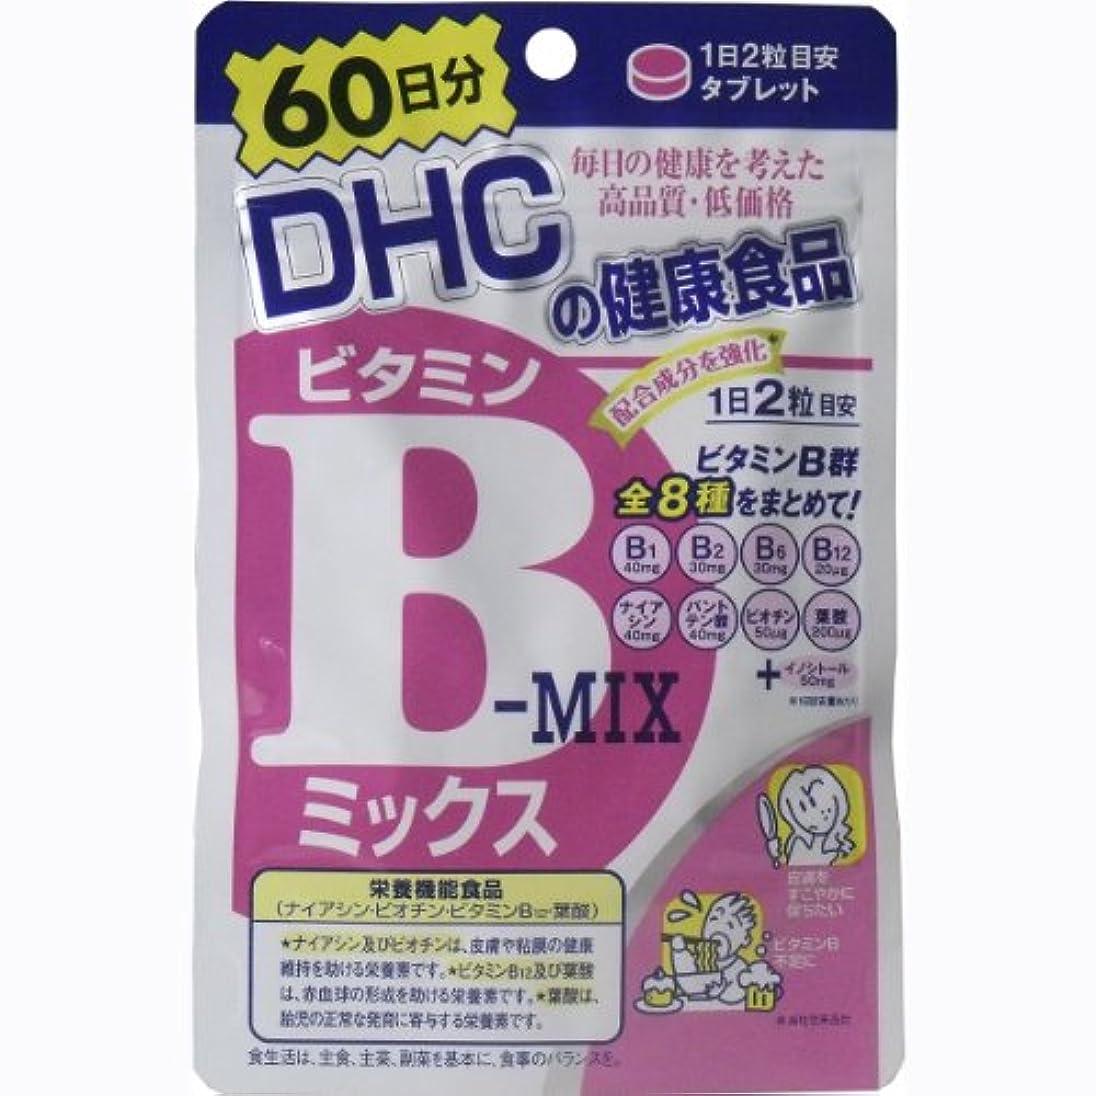 執着に負けるご近所DHC ビタミンBミックス 60日分 120粒 ×6個セット